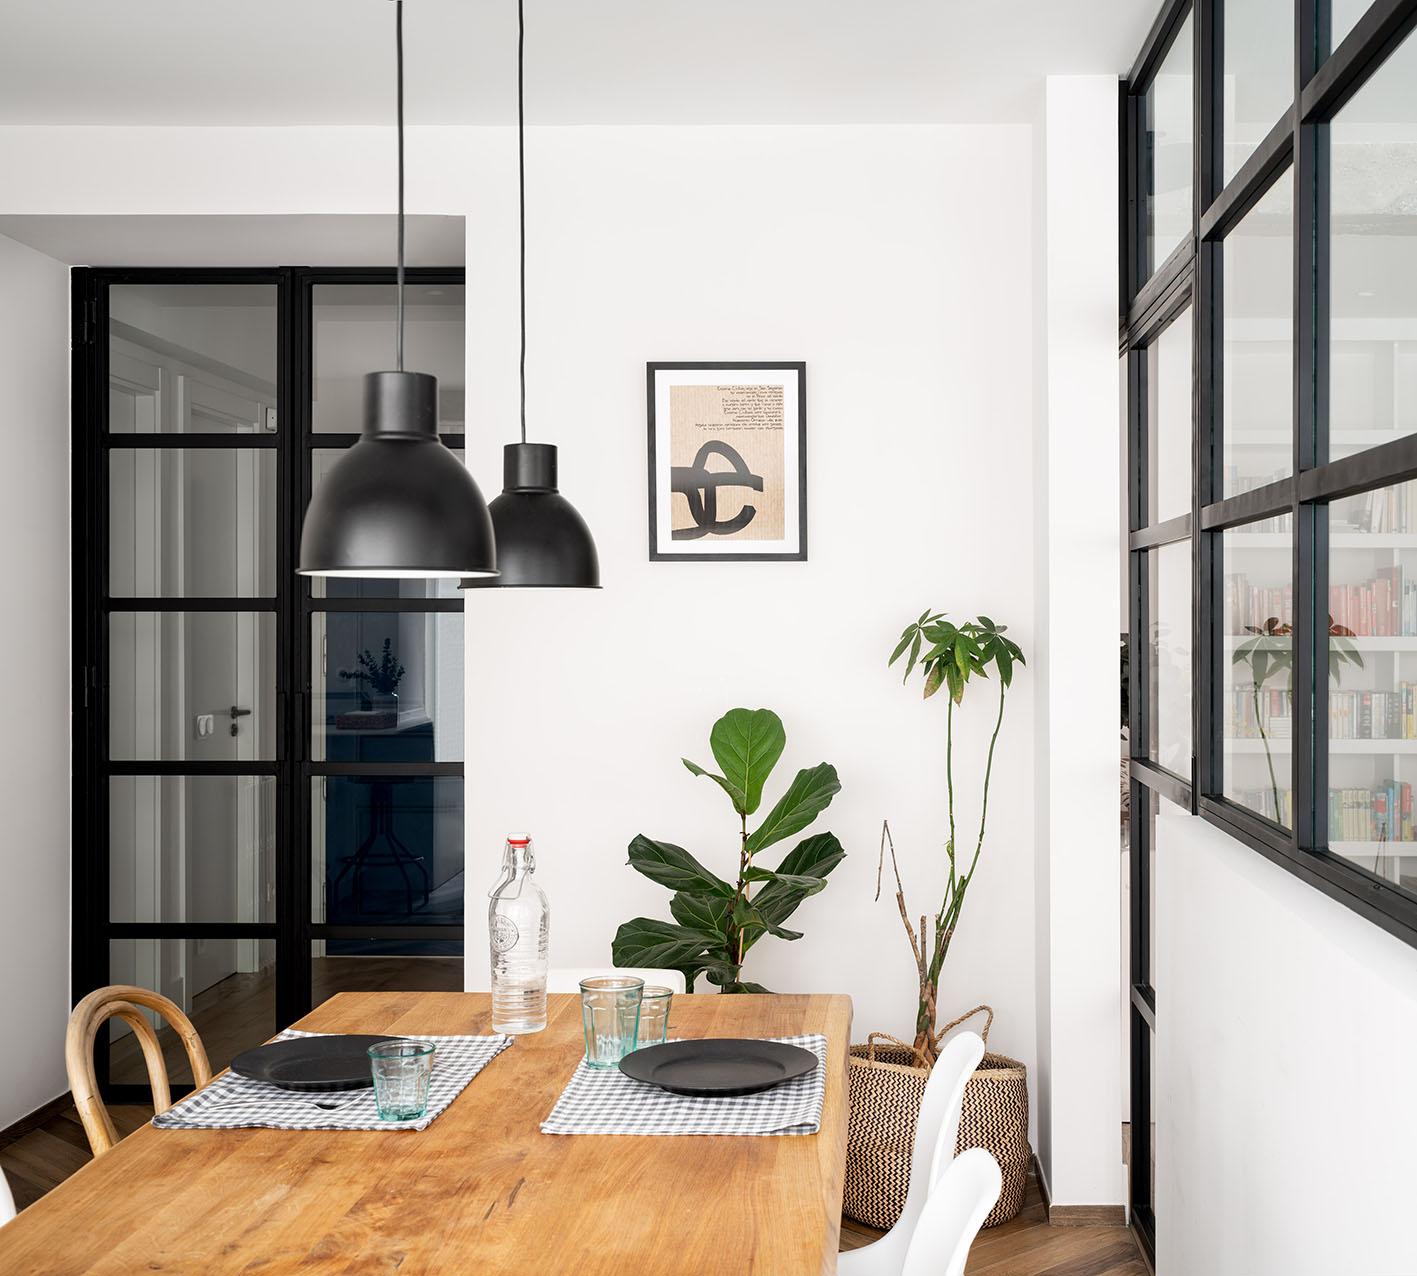 Reportaje fotográfico de arquitectura - Imagen del comedor